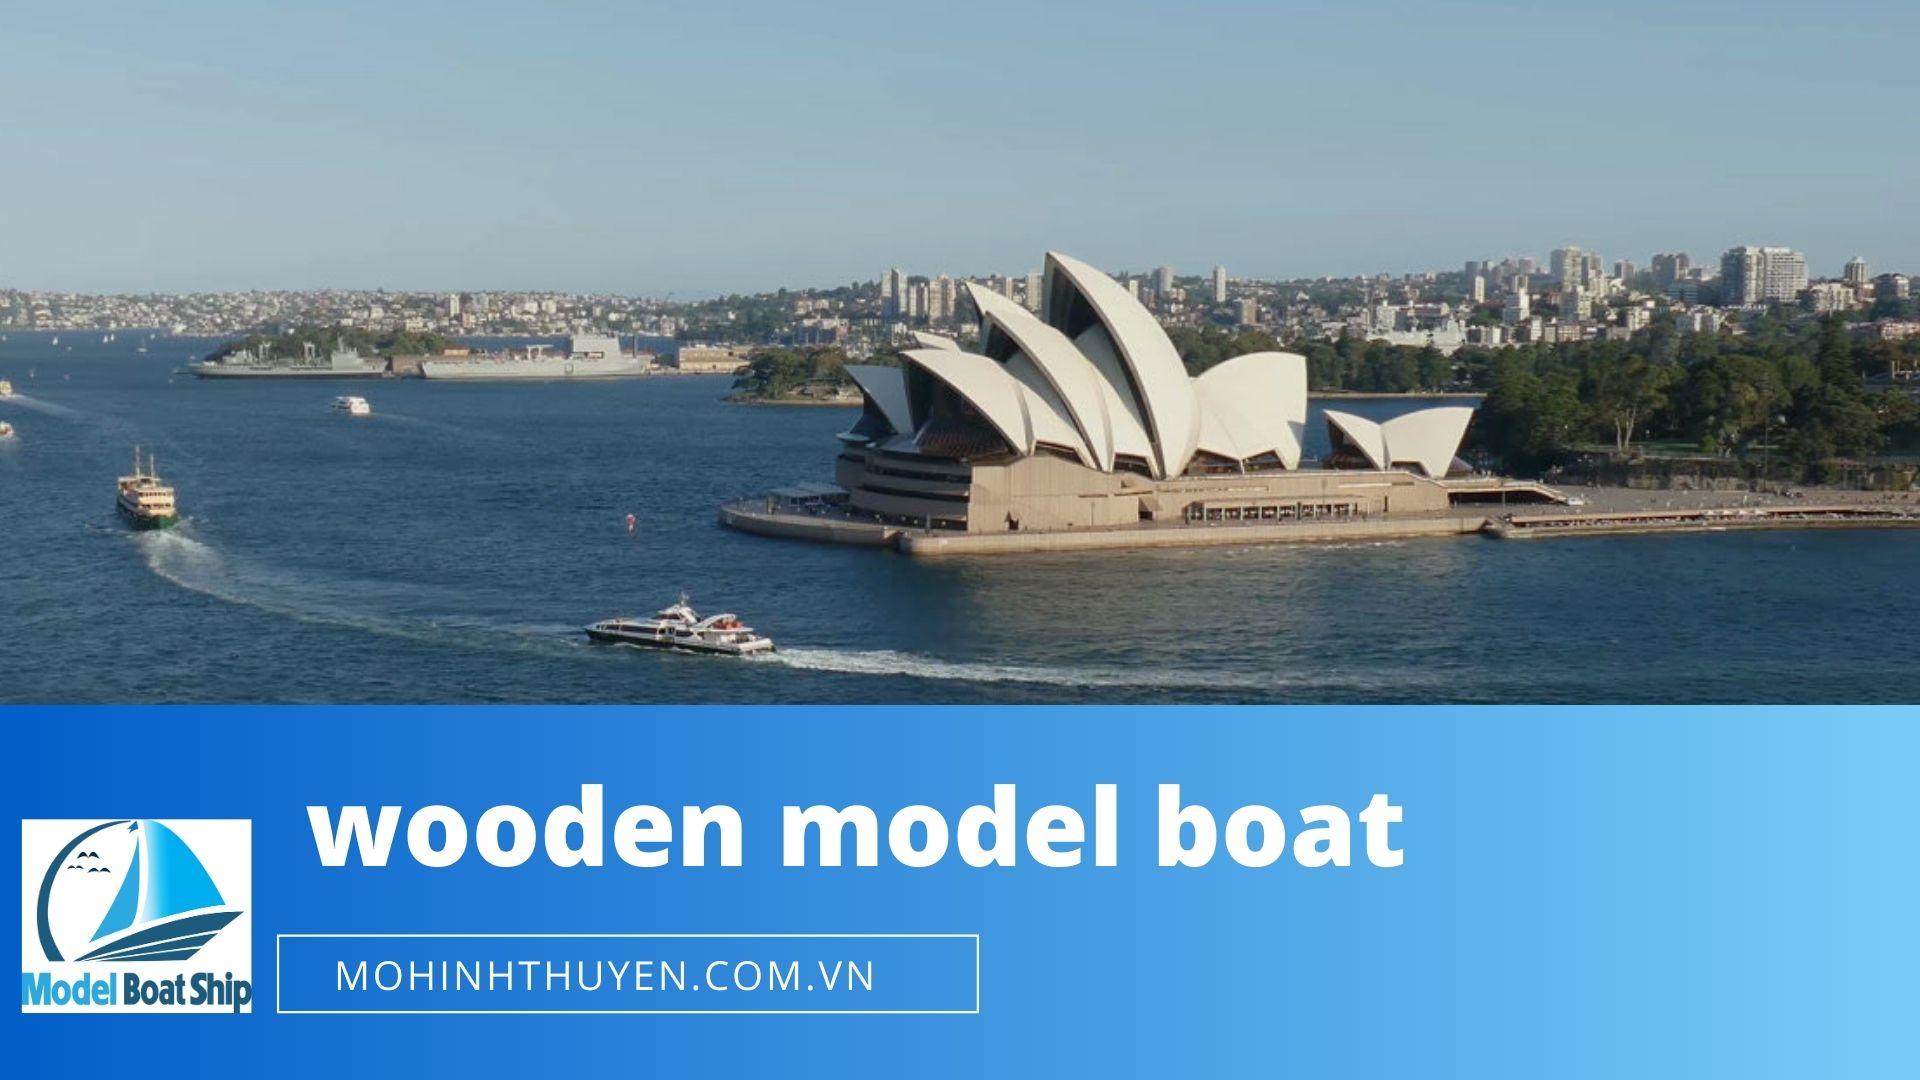 Liên hệ mô hình thuyền